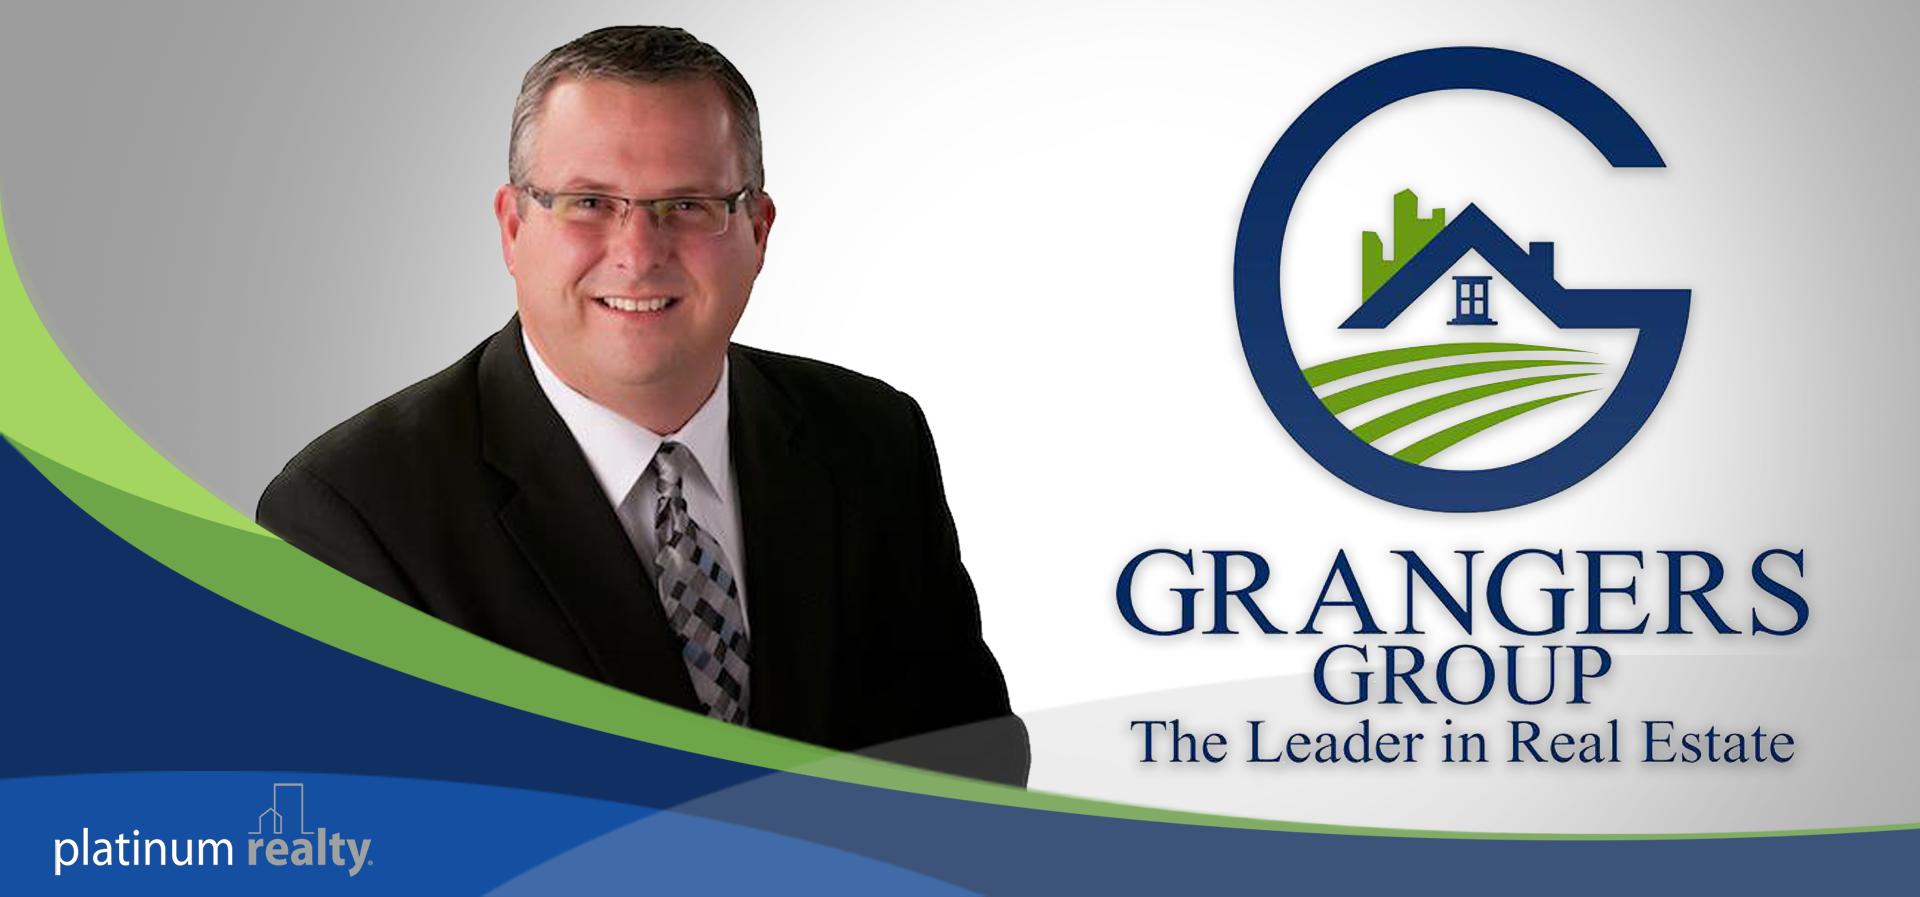 Grangers Group-Omaha, Council Bluffs, Nebraska, Iowa Real Estate Agent